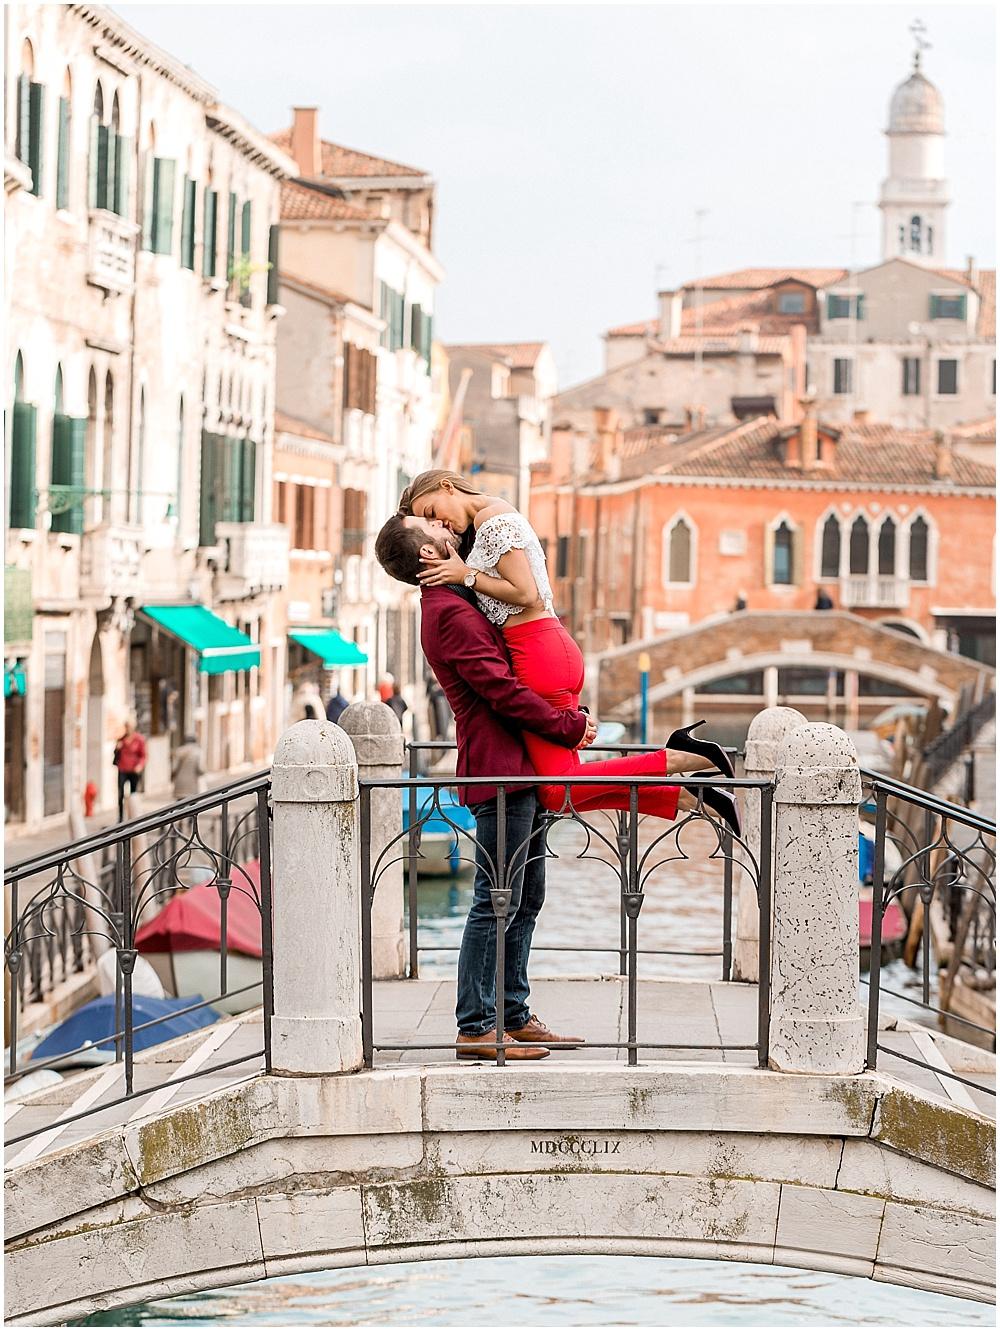 venice-italy-wedding-proposal-gondola-sunset-photoshoot5.jpg